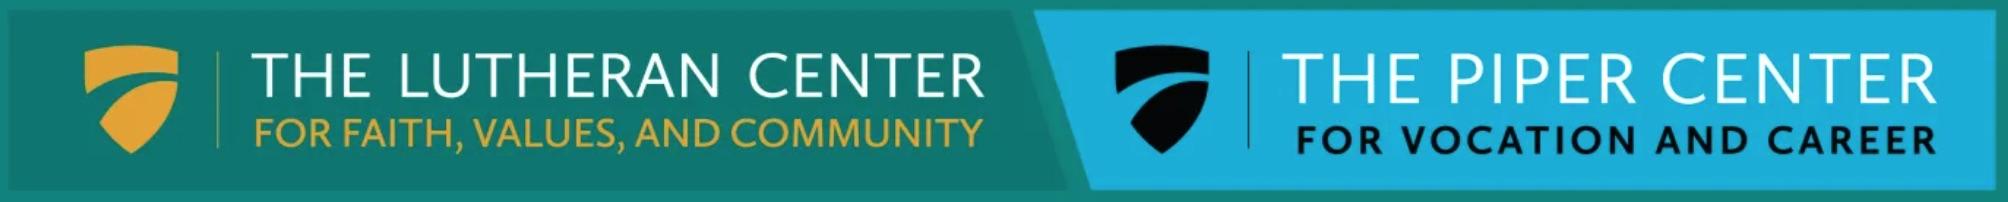 Piper Center and Lutheran Center logos